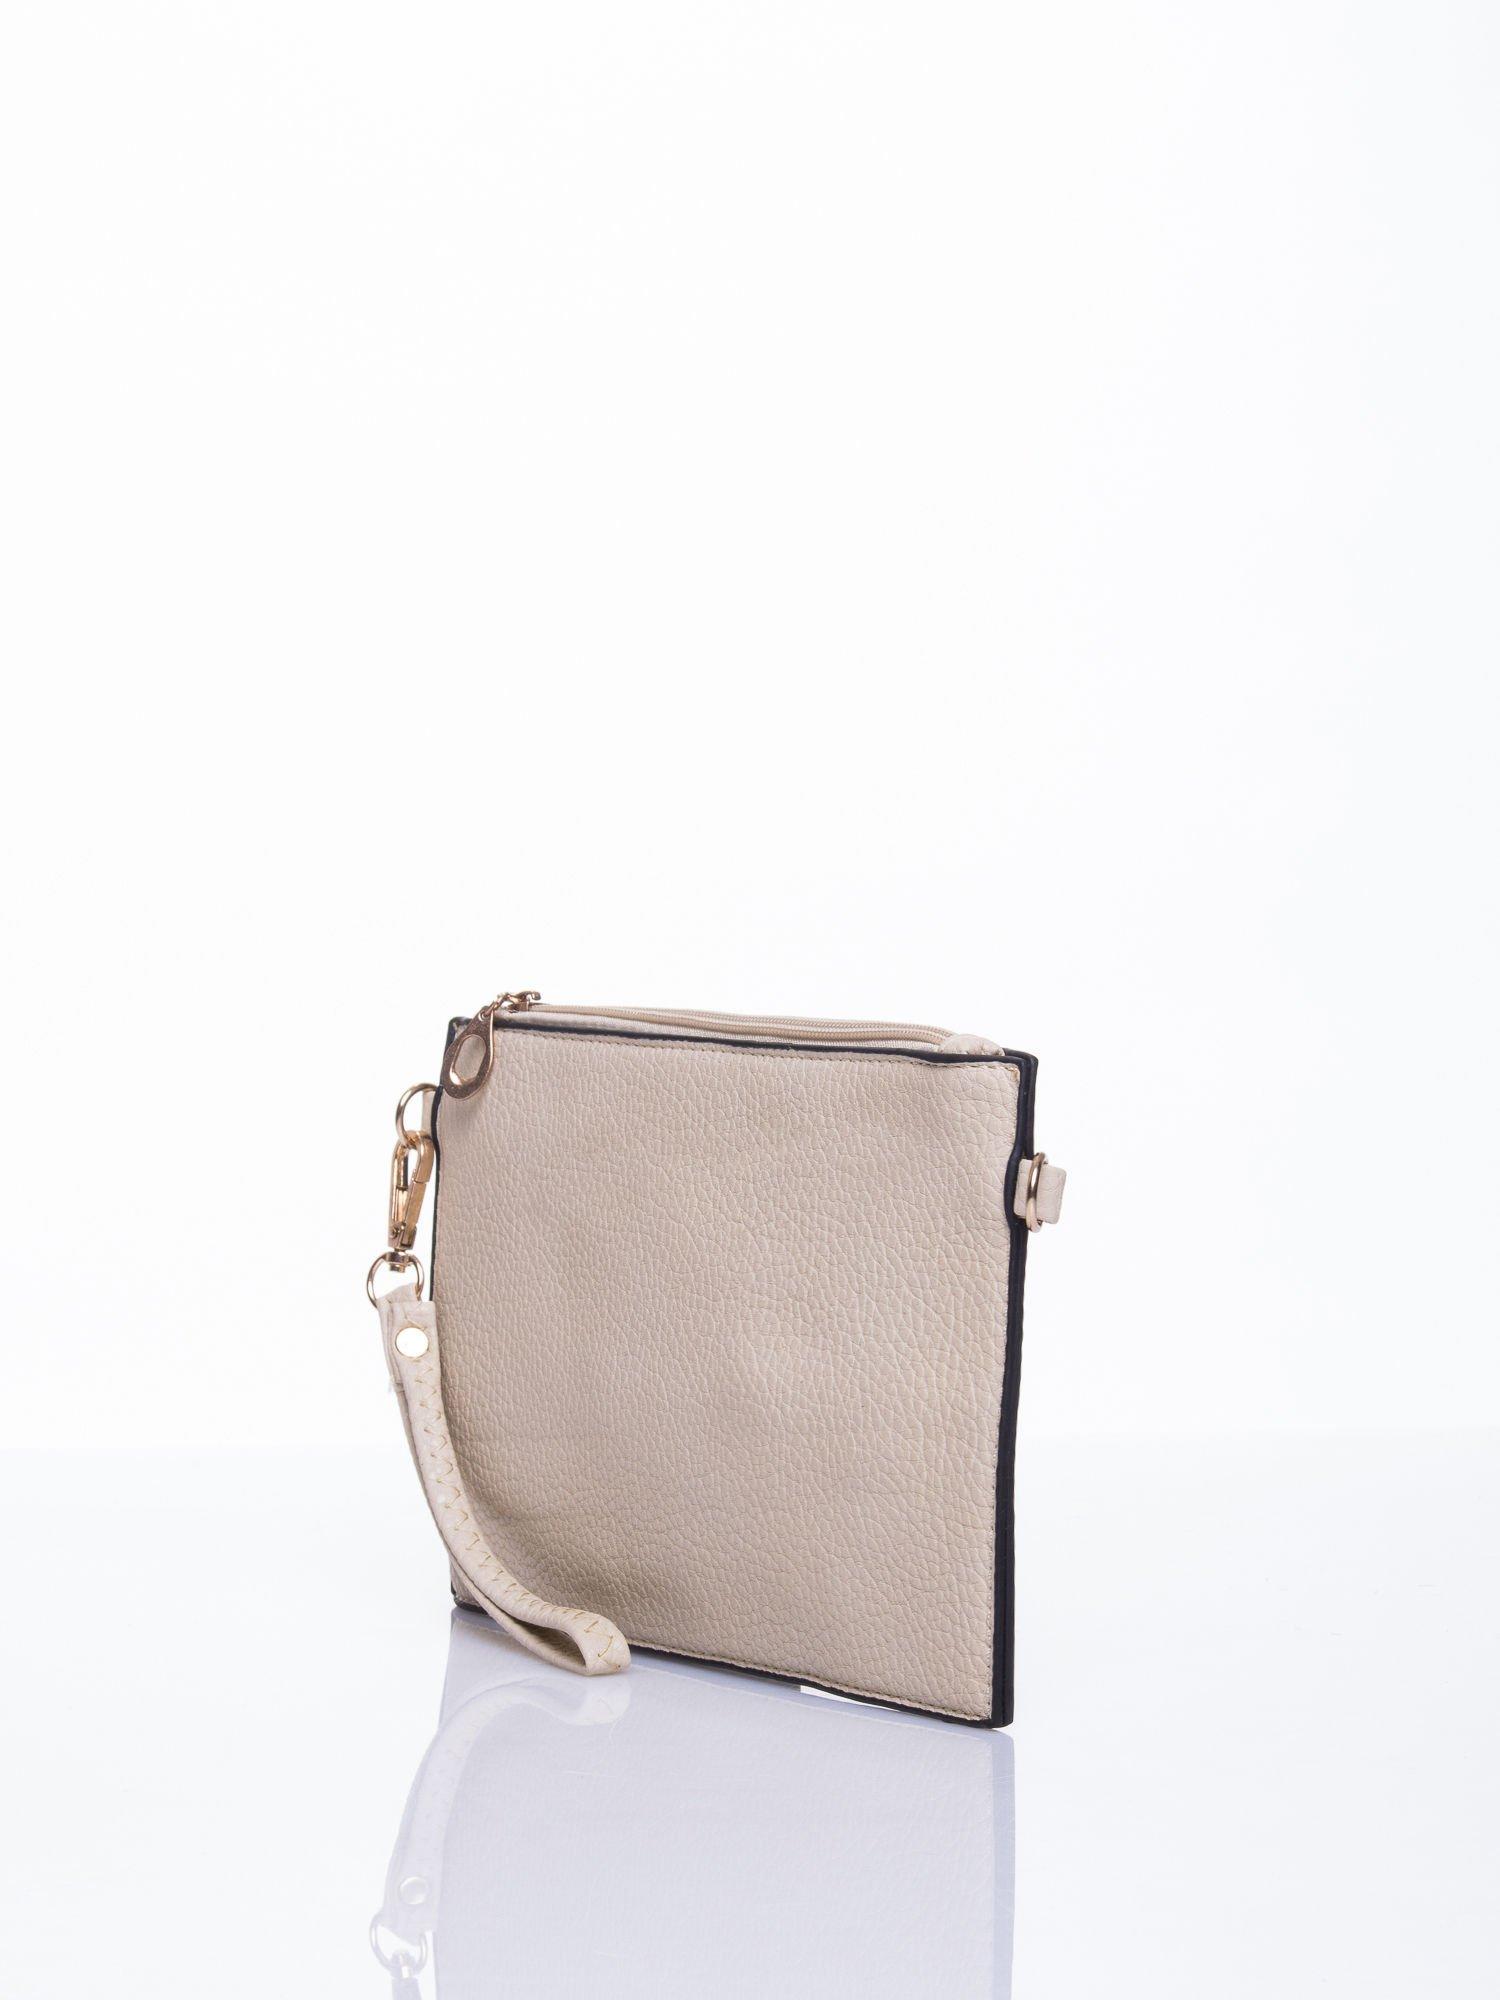 Beżowa prosta przewieszana torebka z uchwytem                                  zdj.                                  3